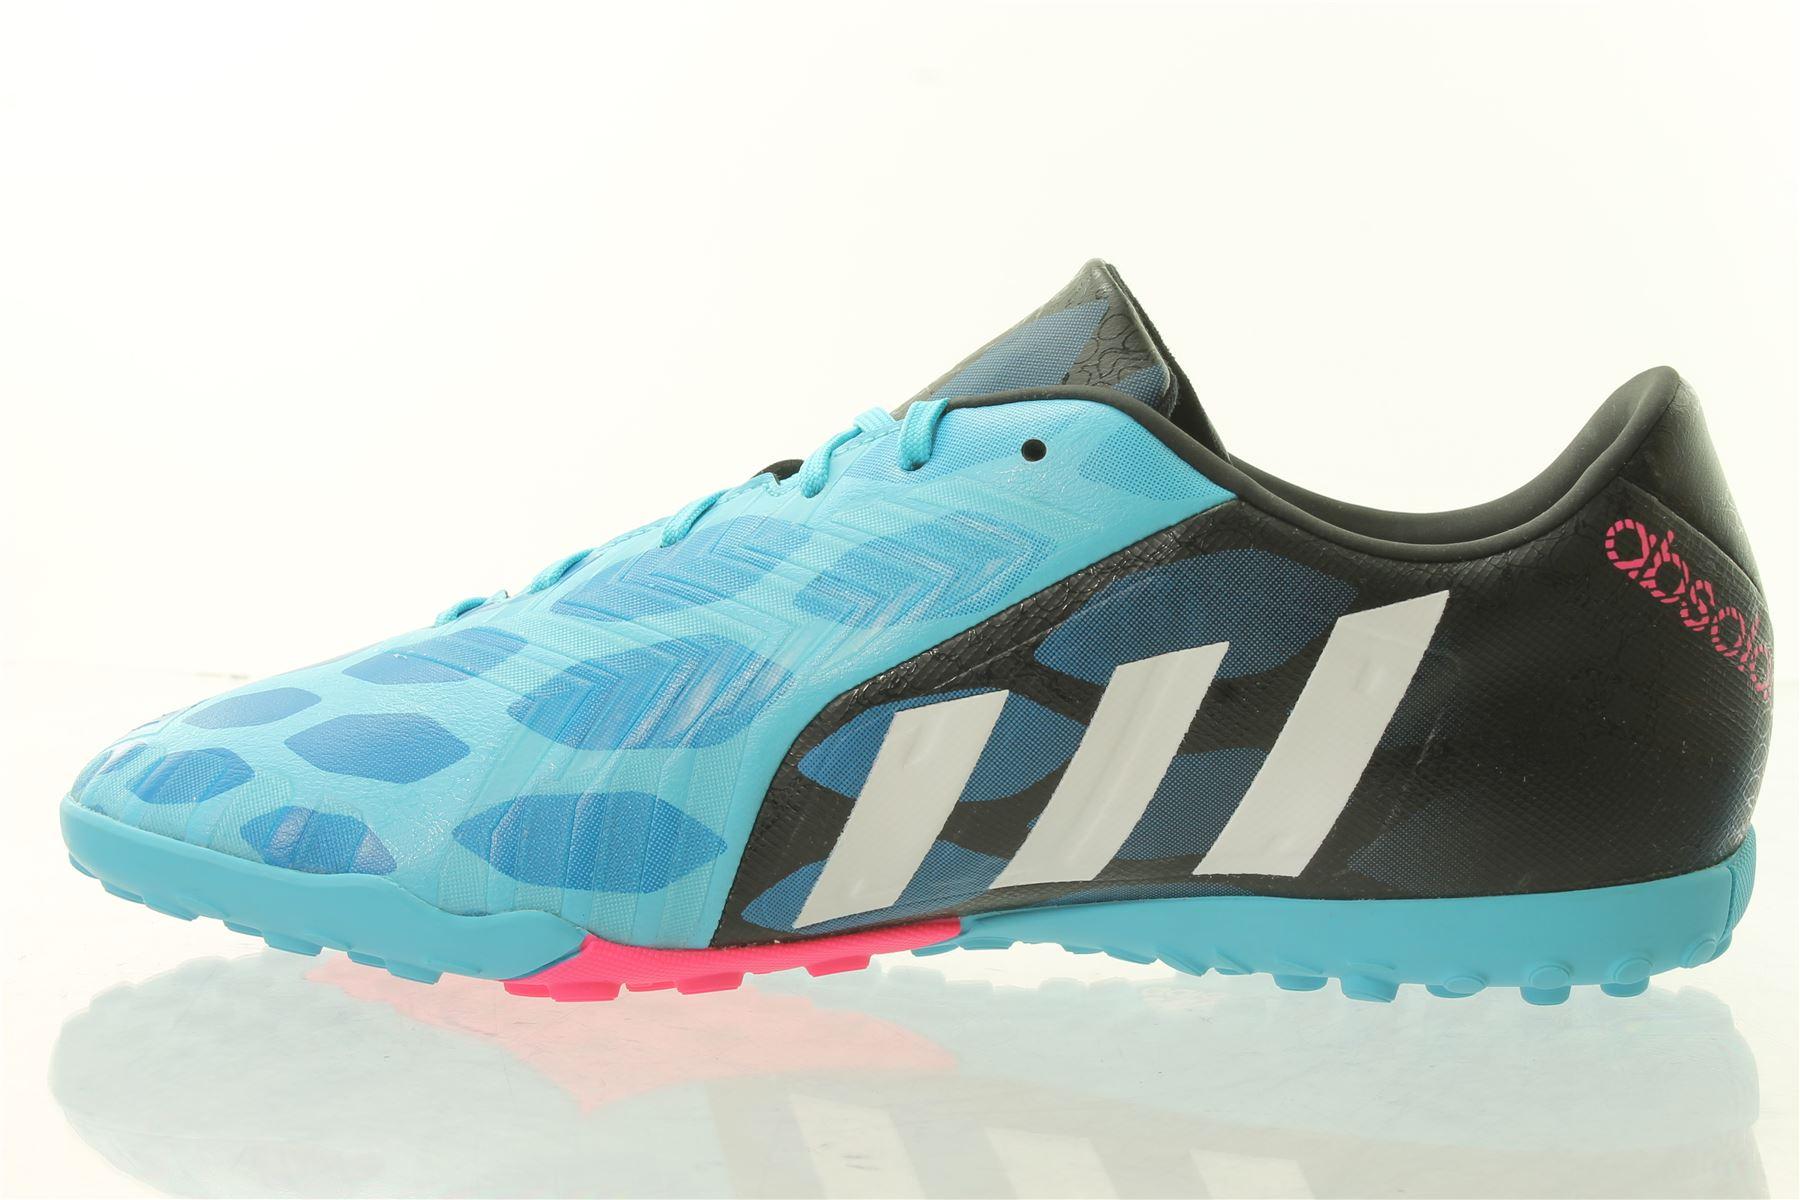 Adidas prossoator istinto sneakerdiscount blu - regno unito